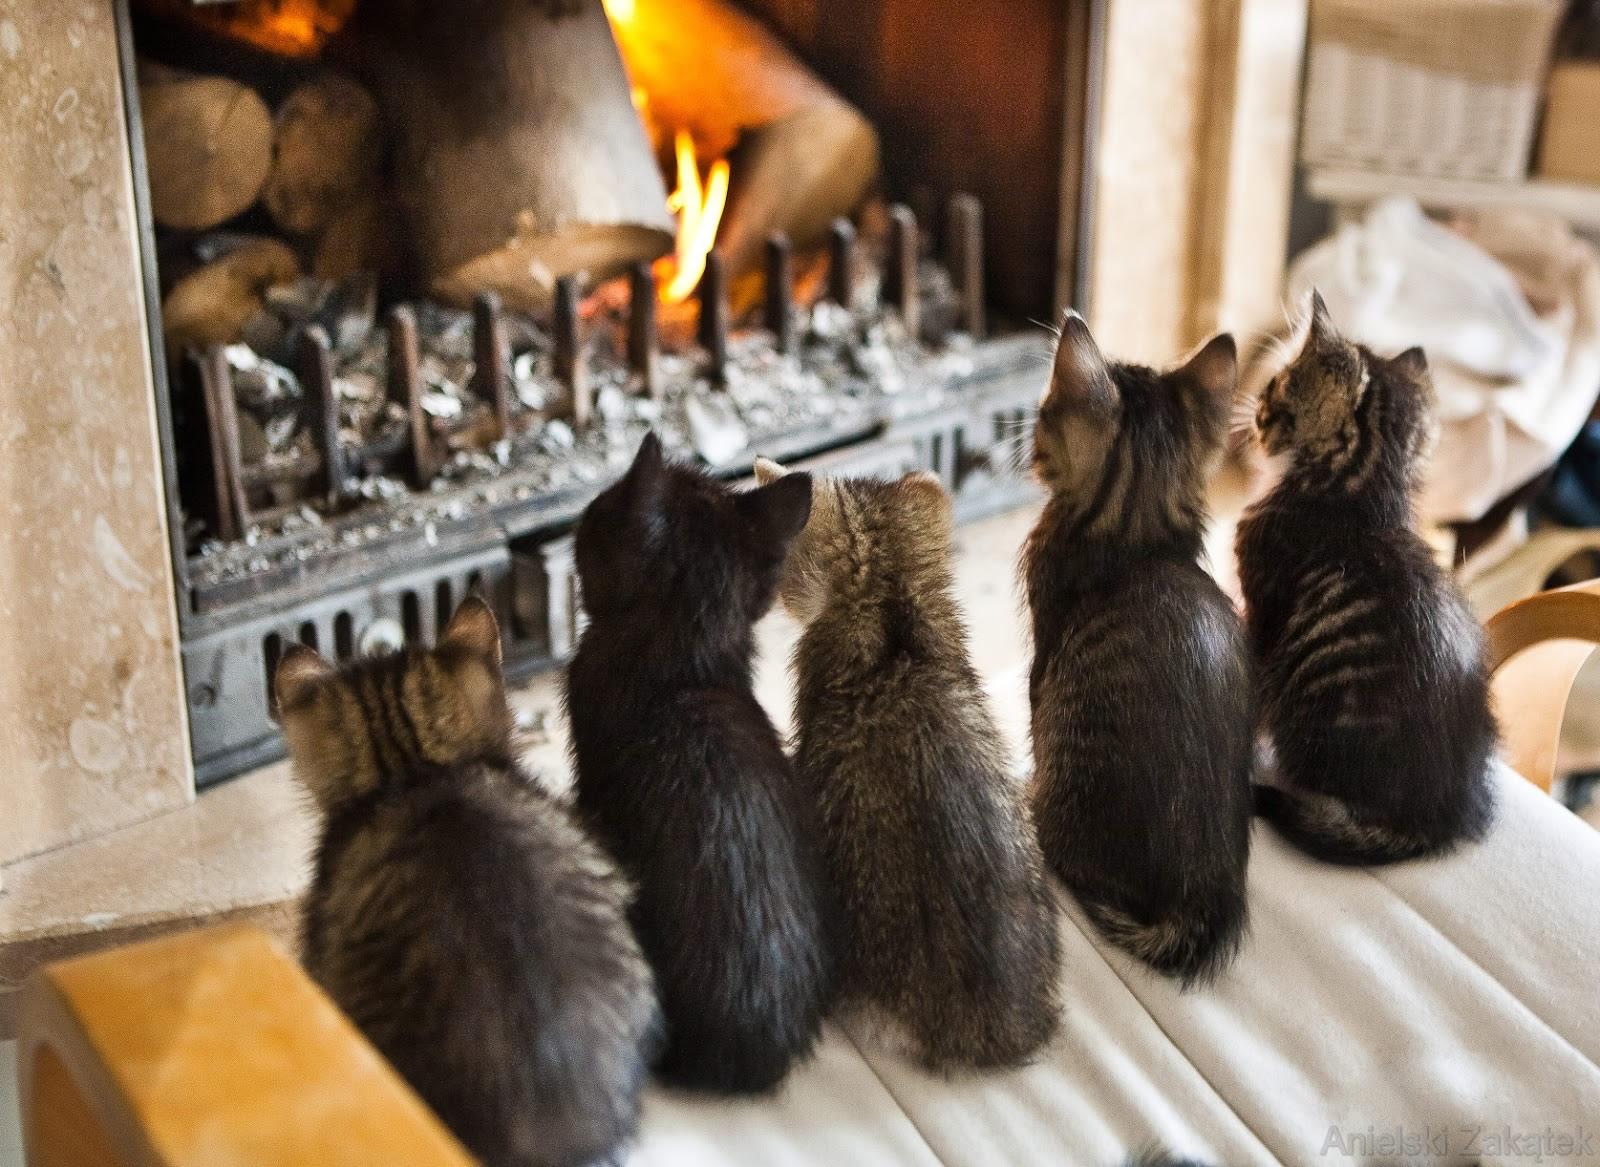 Des chats et la cheminée